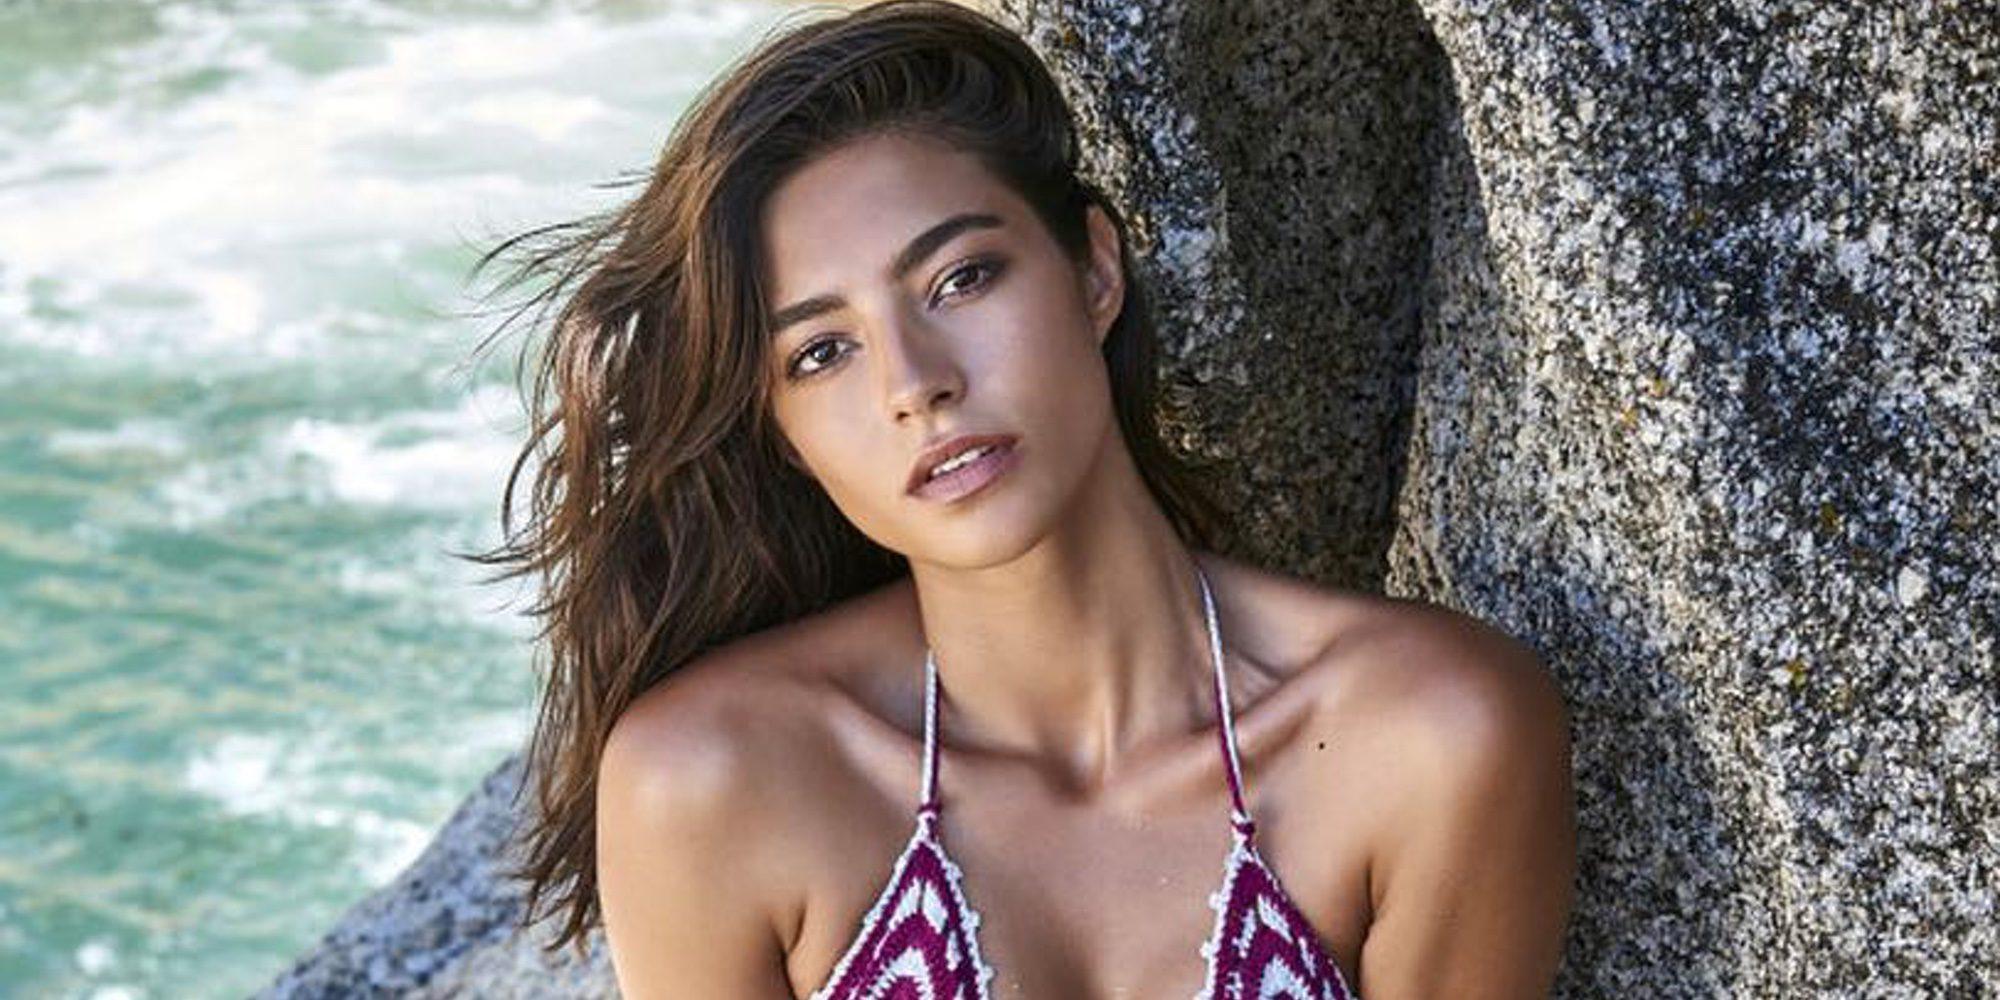 Rocío Crusset Celebra Sus Vacaciones De Verano Posando Completamente